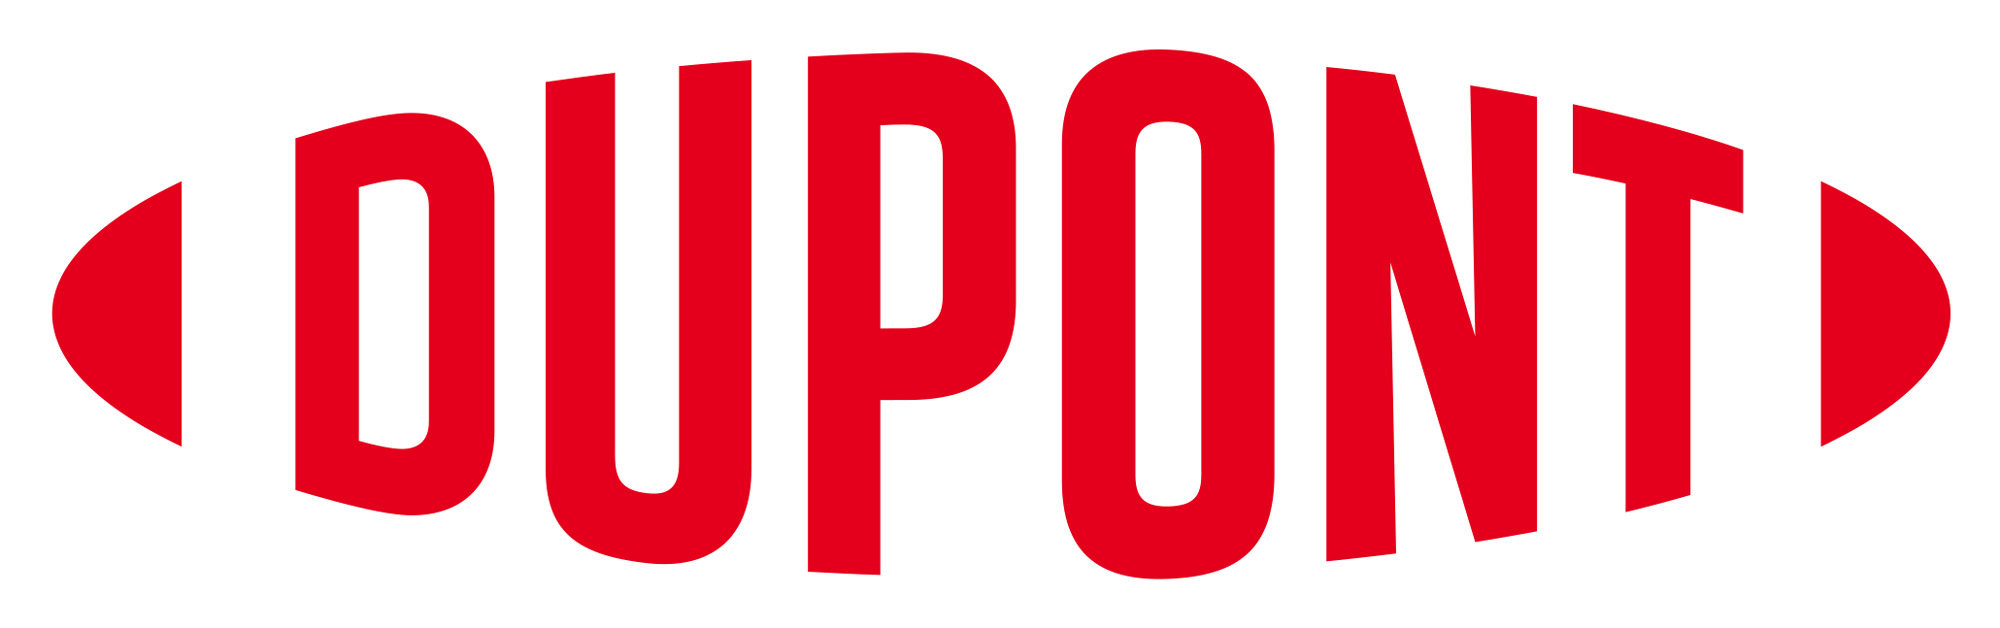 dupont_logo.png